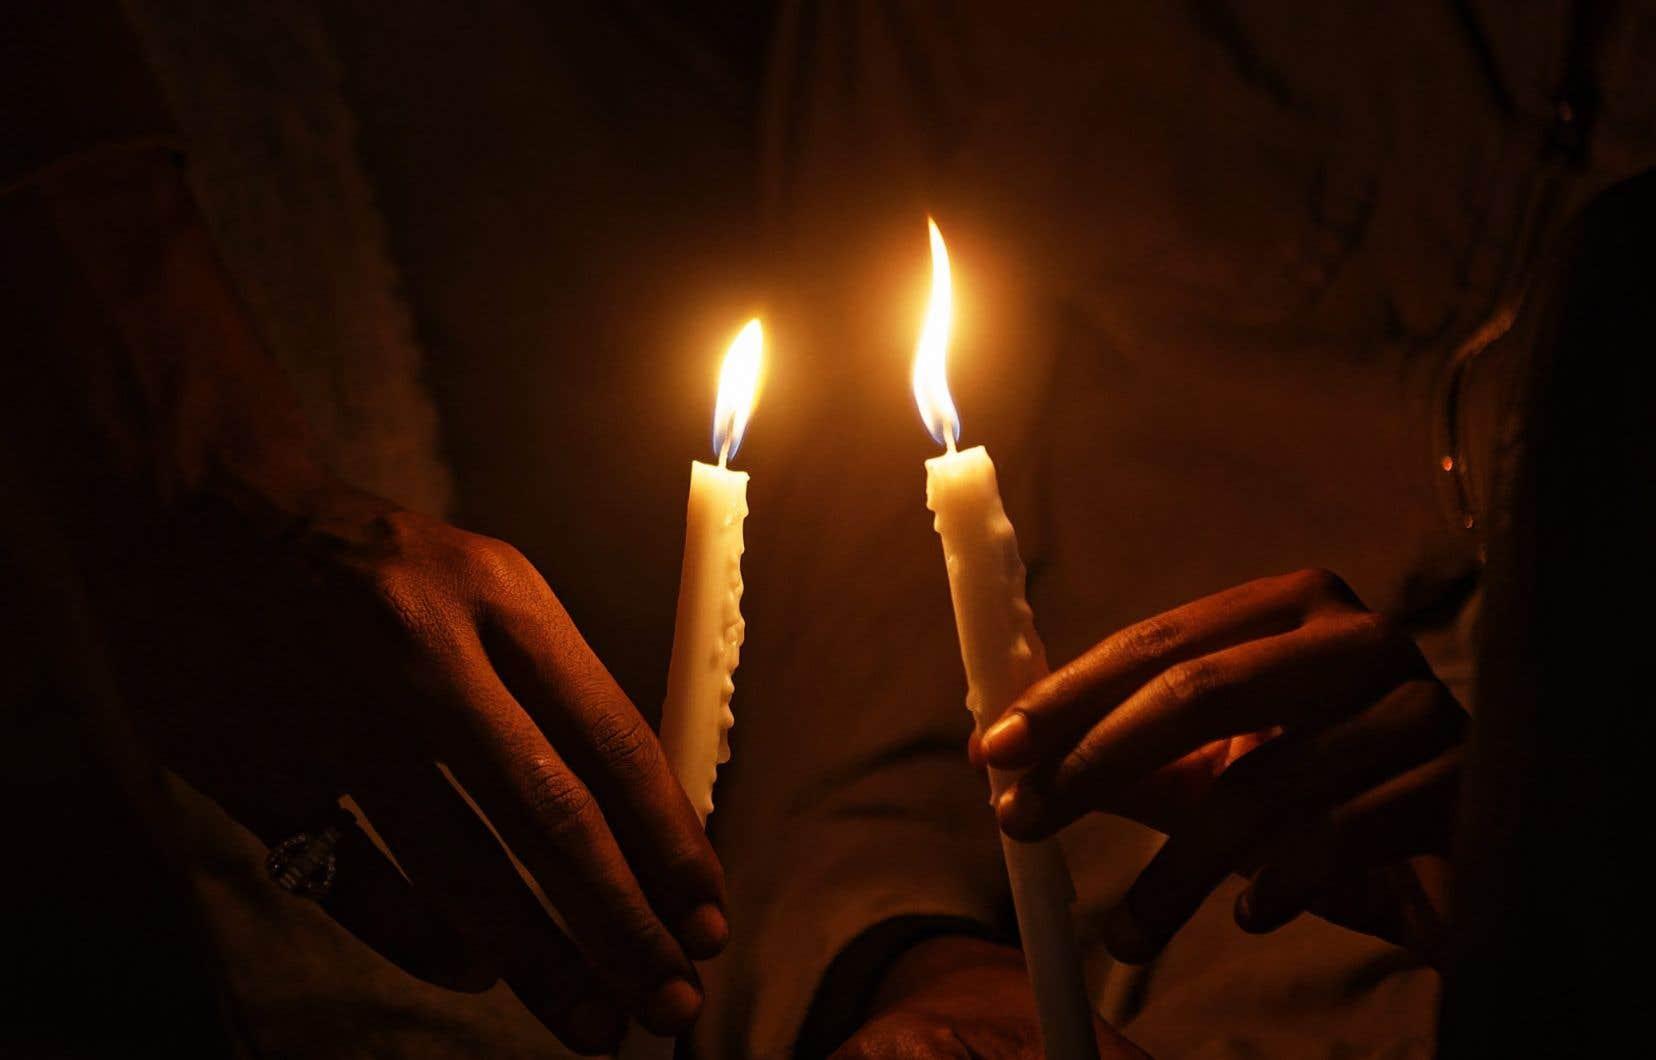 Cette année, les commémorations à l'heure du confinement risquent d'être un vrai défi pour les rescapés du génocide de 1994, comme pour ceux qui les aident.